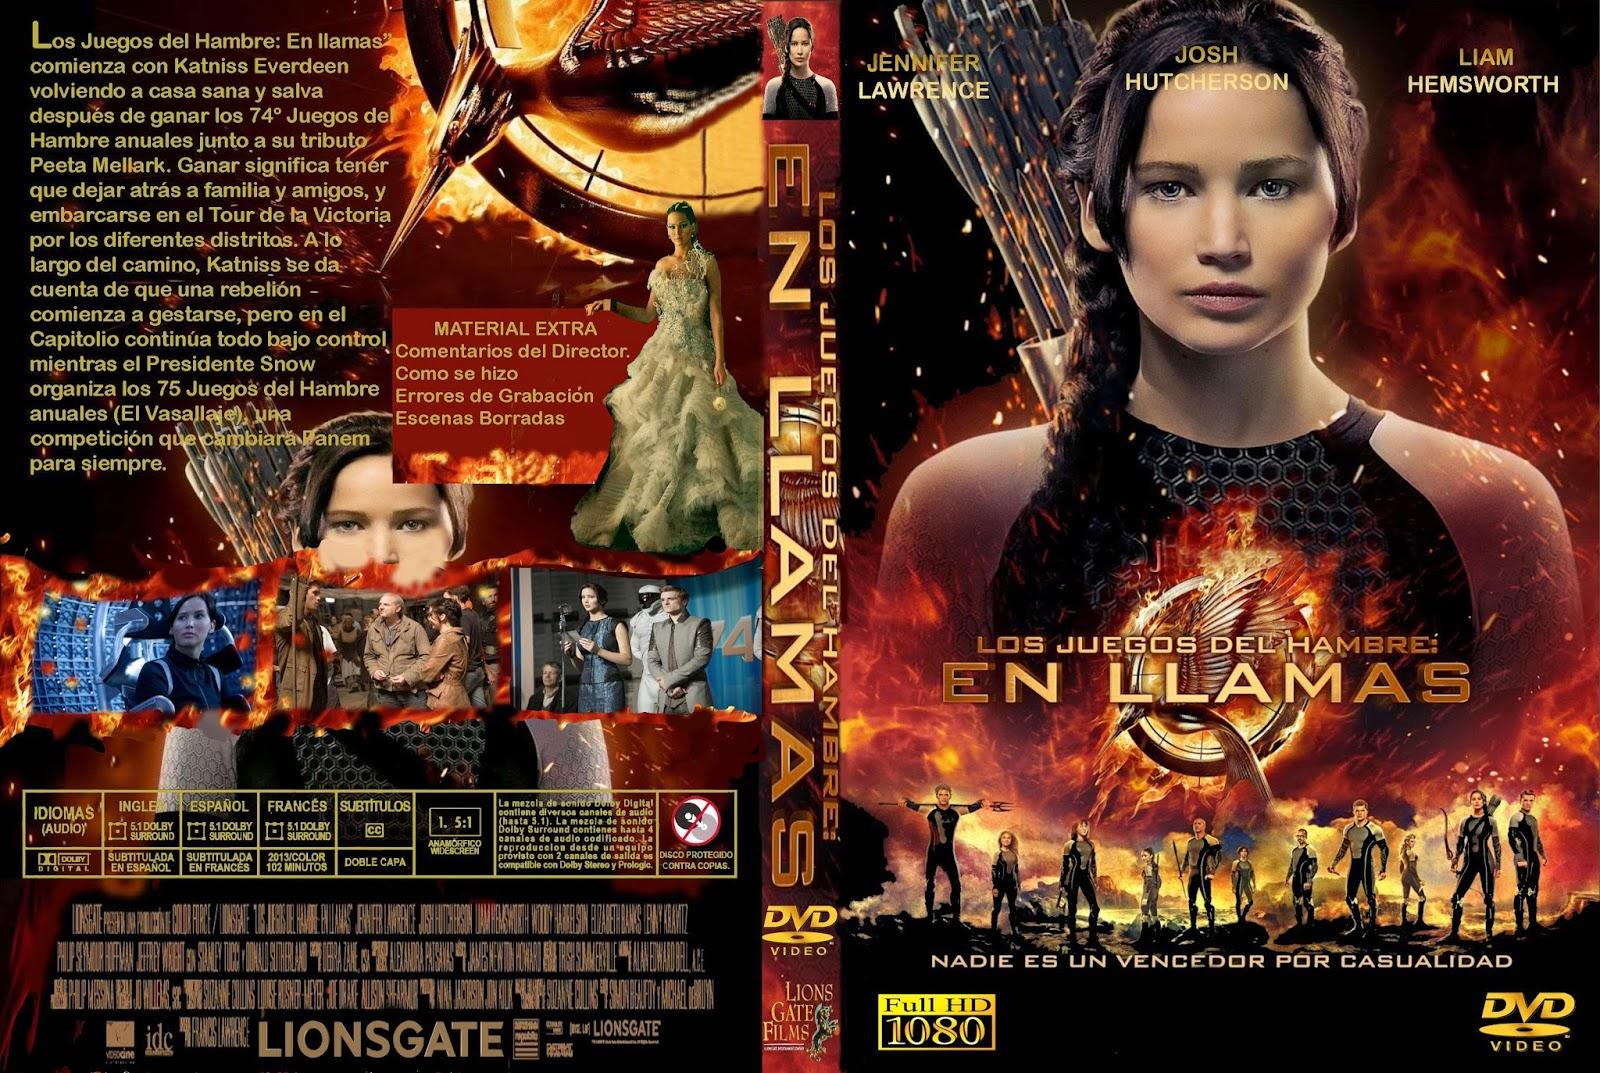 Los Juegos Del Hambre - En LLamas DVD